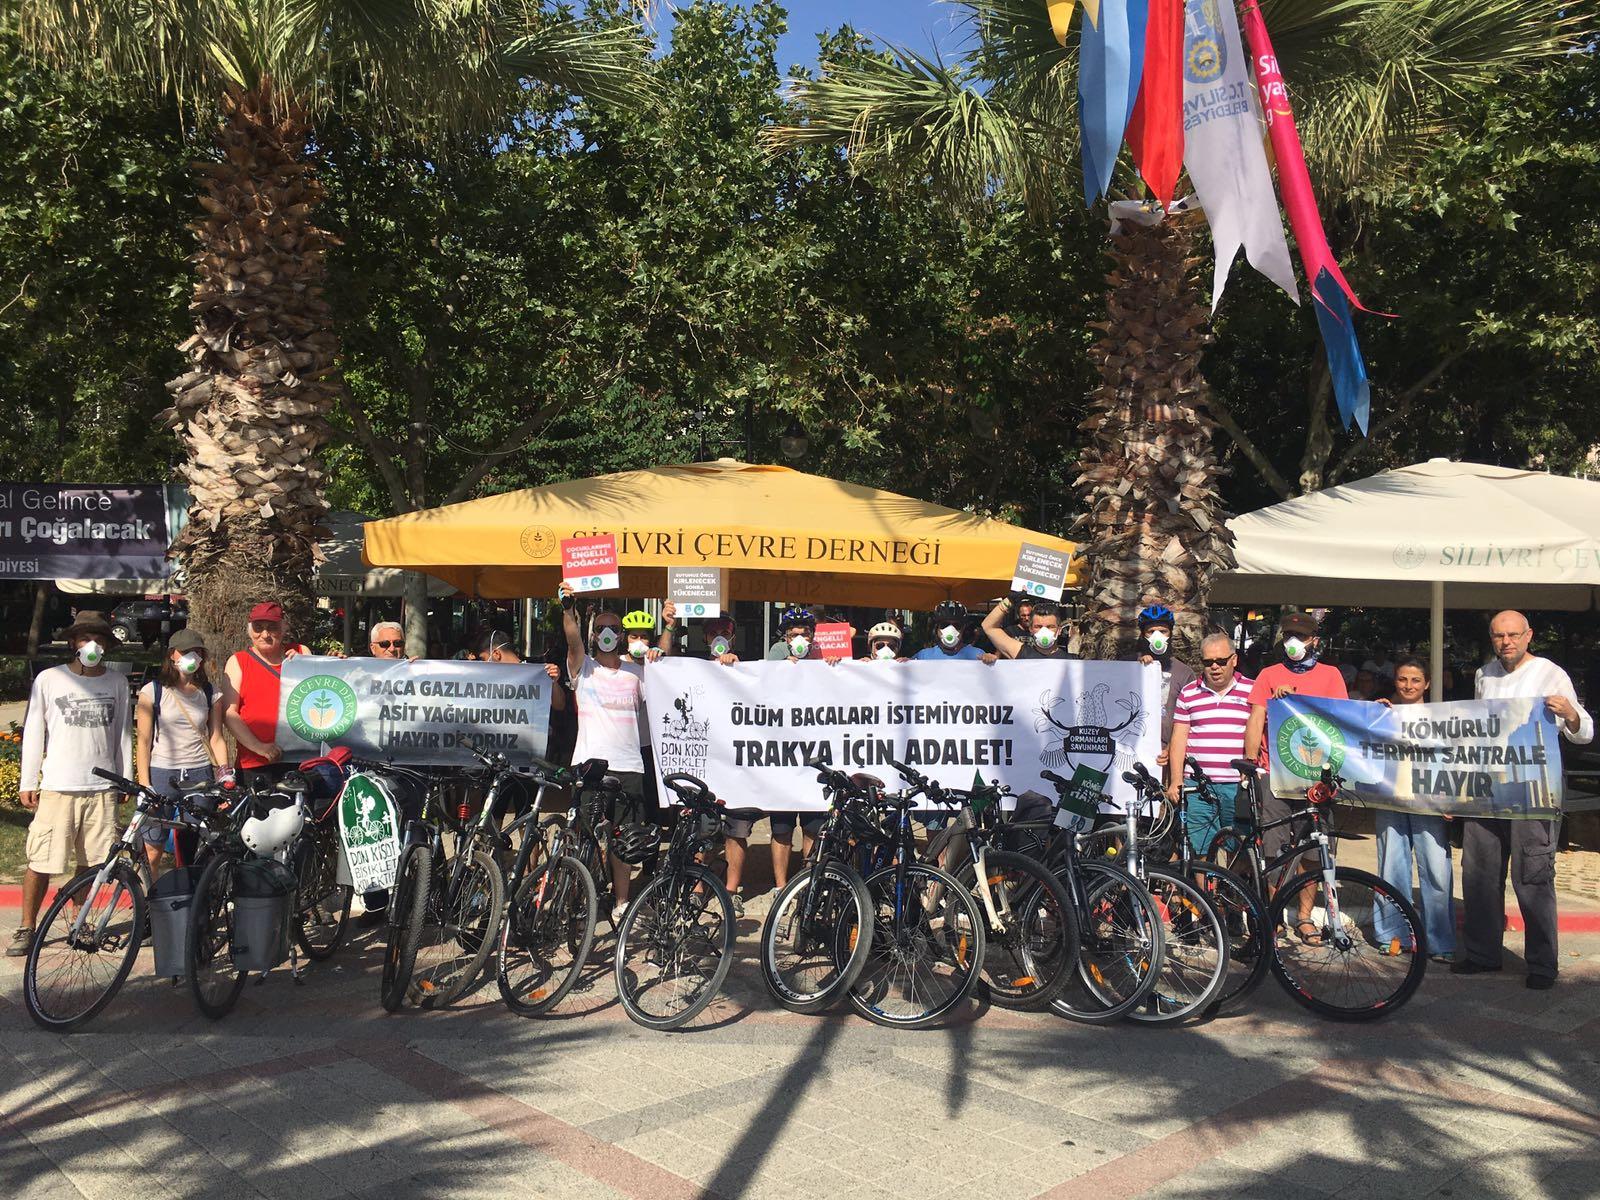 Ölüm bacalarına karşı Trakya'ya pedallayanlar köylülerle buluştu, Silivri'de maskeli sürüş gerçekleştirdi!